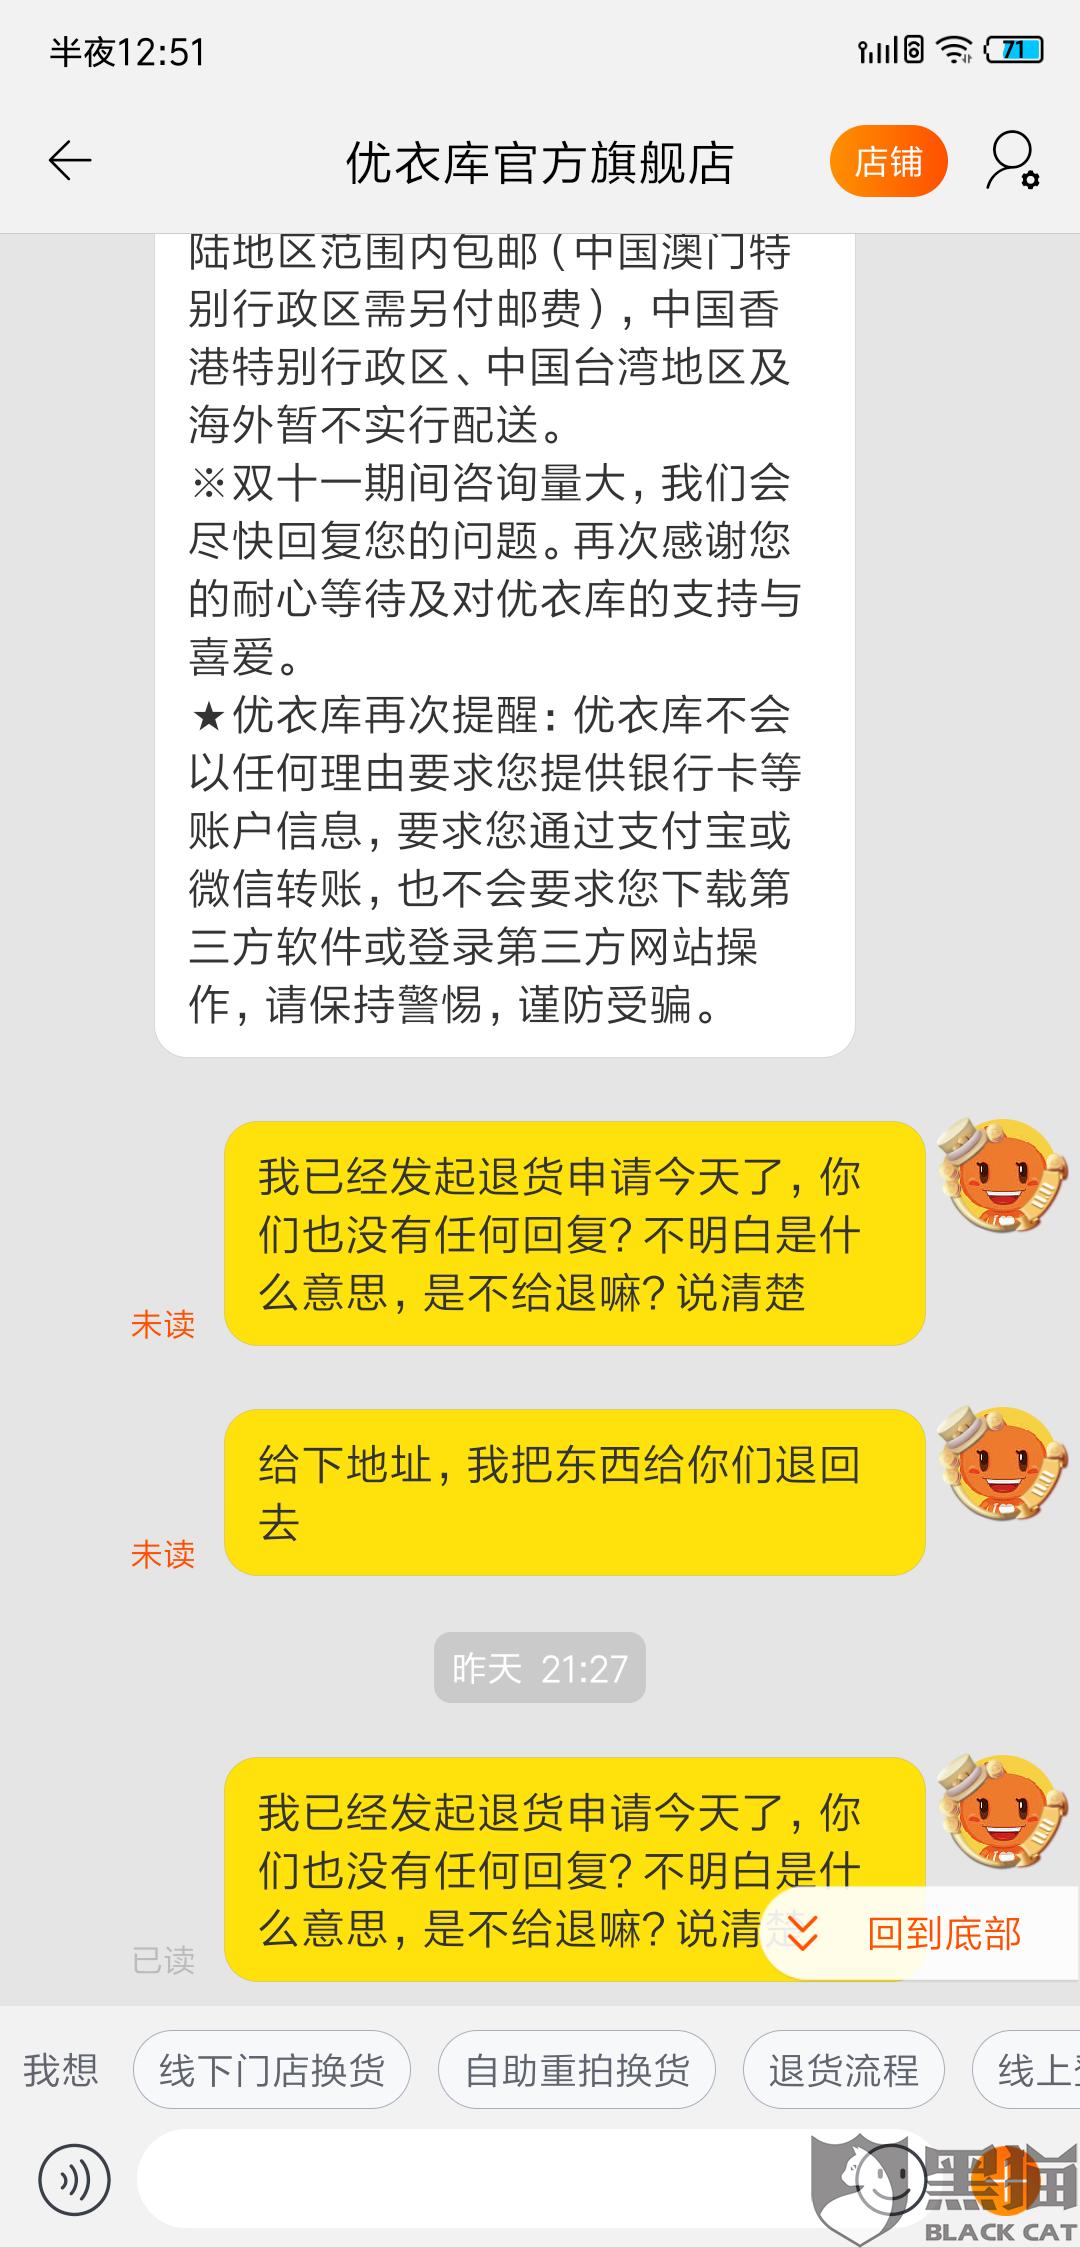 黑猫投诉:优衣库店大欺客!霸王条款!